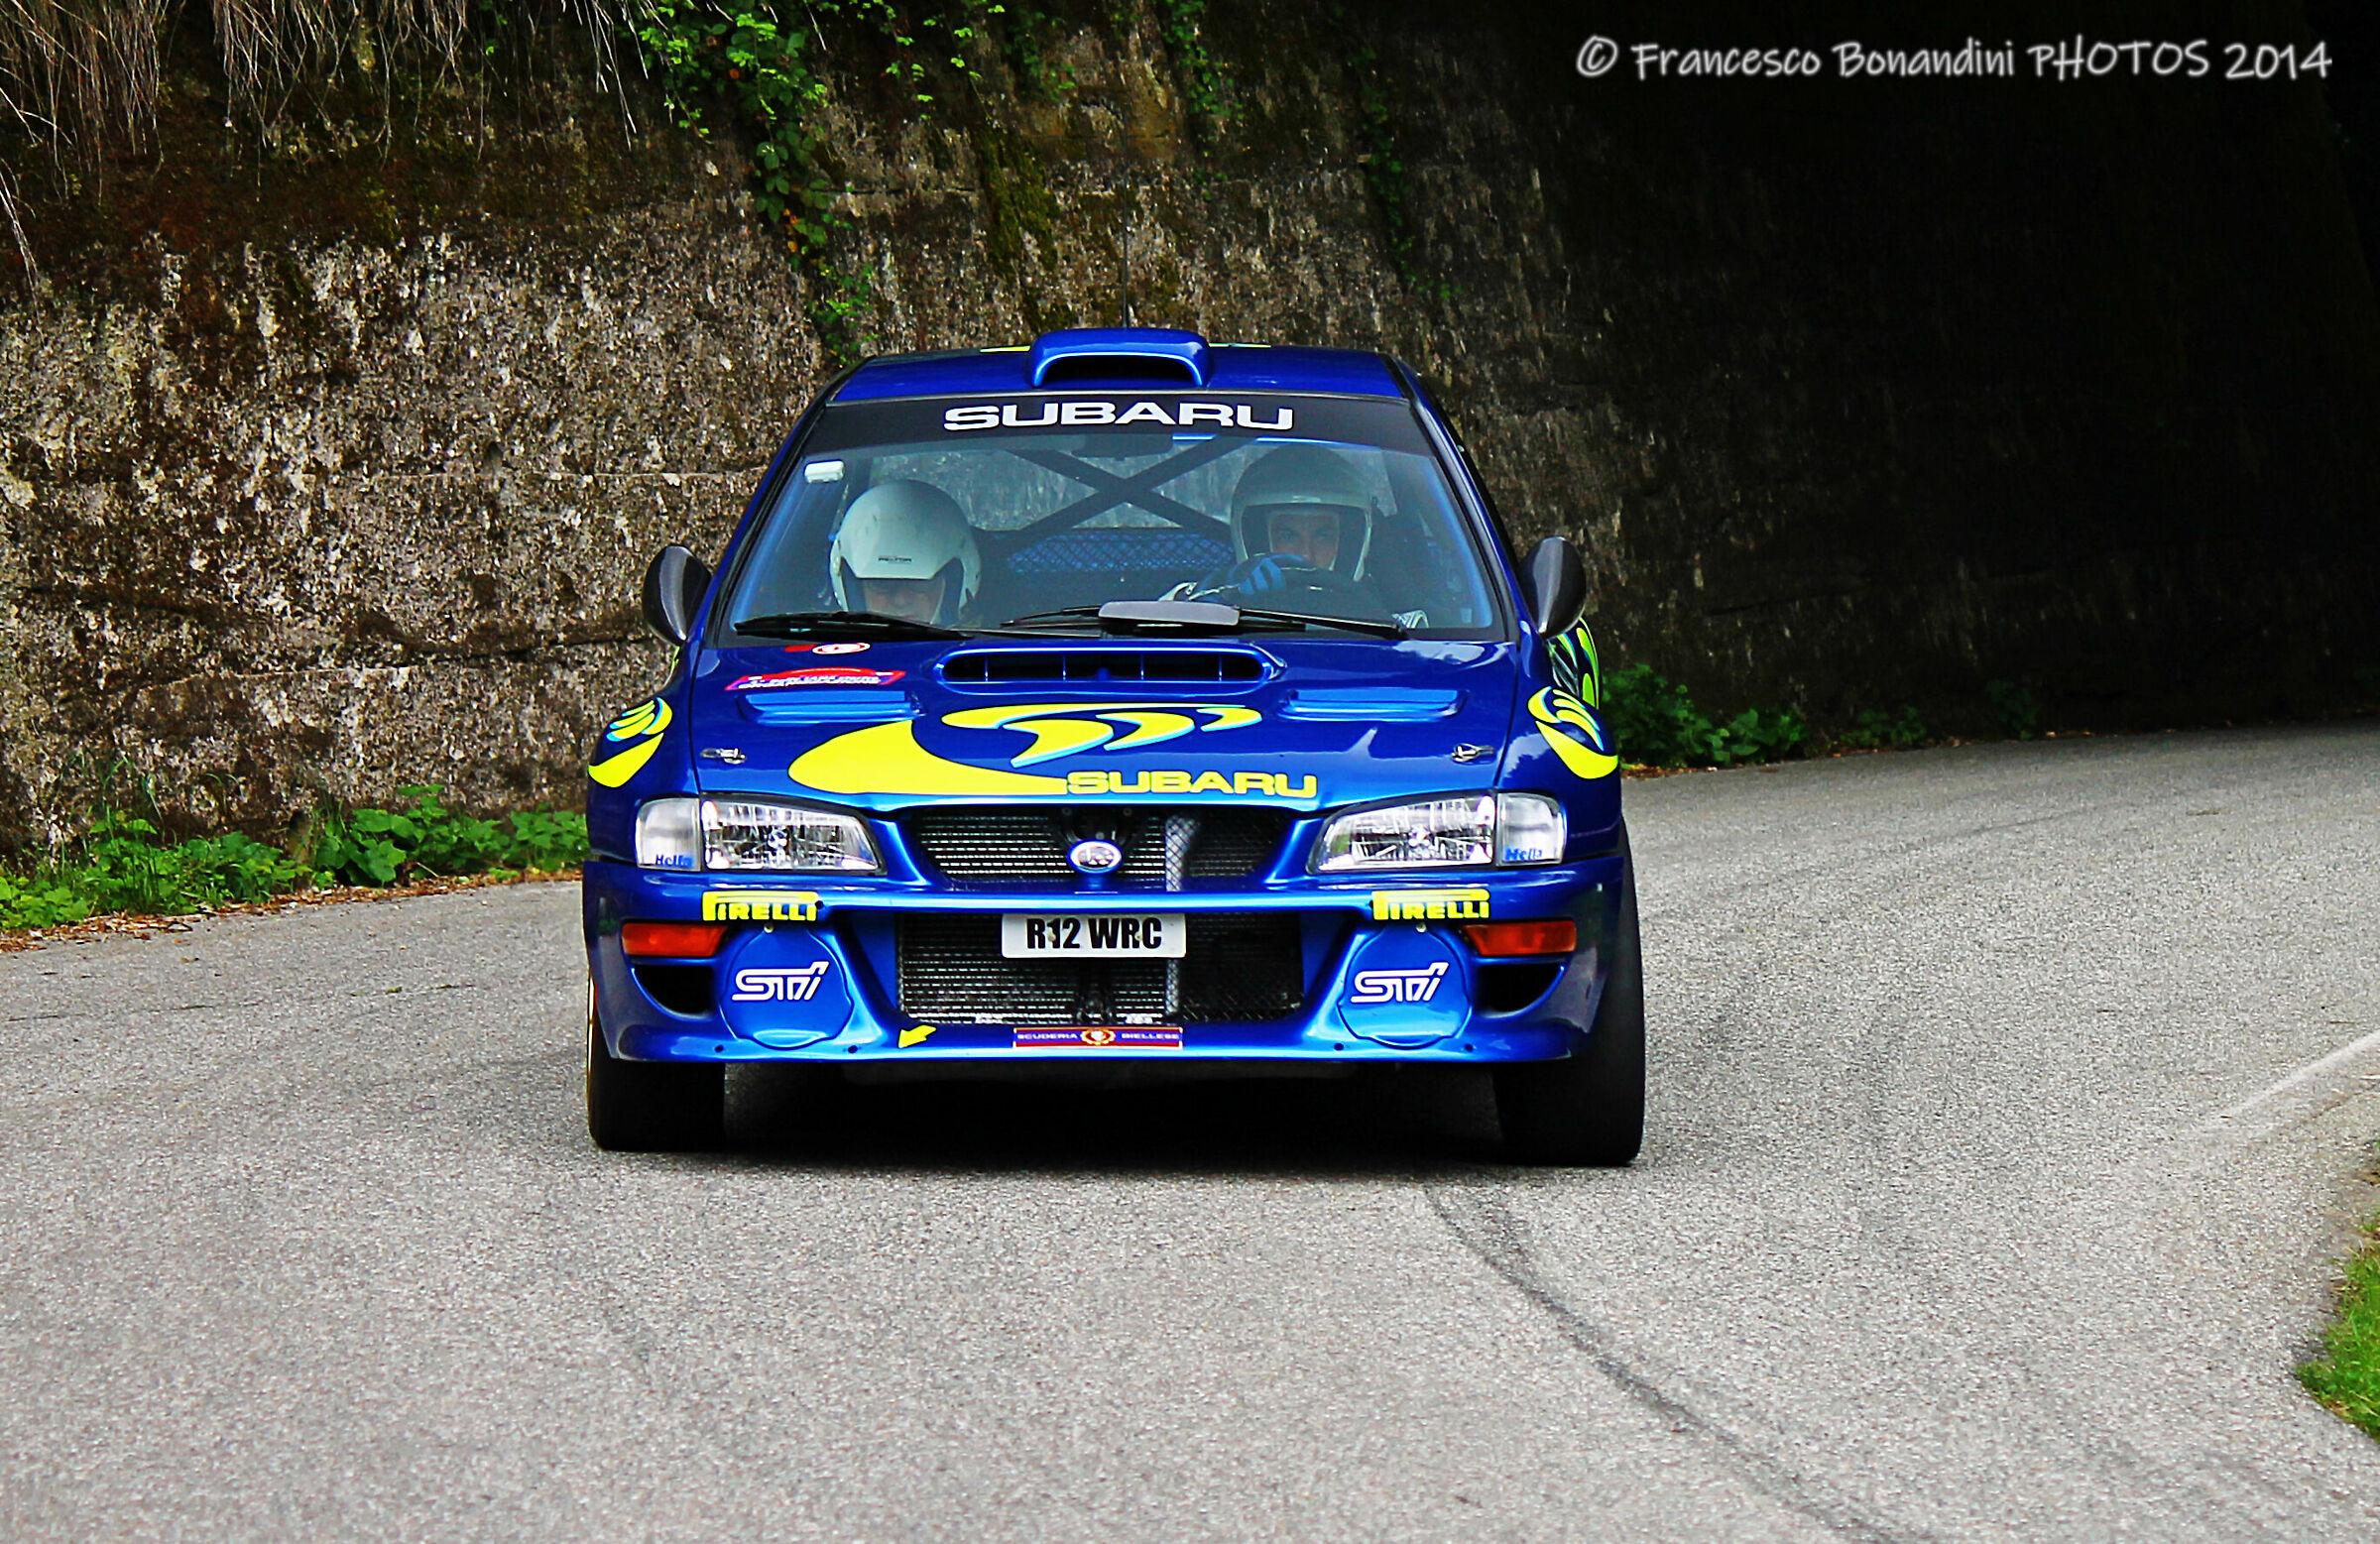 Colin's car...